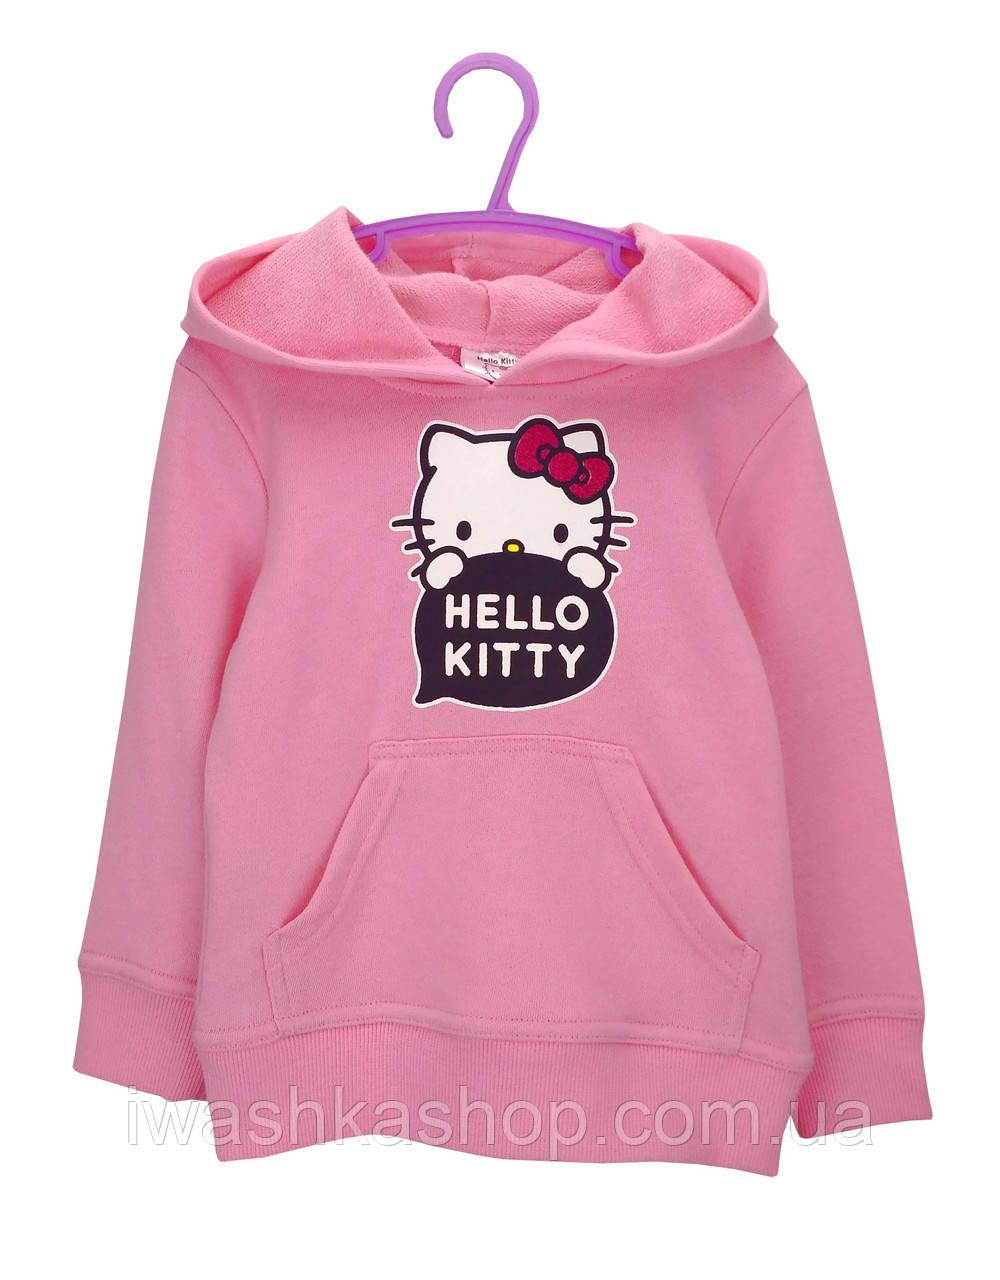 Розовая худи двунитка с Китти на девочек 3 лет, р. 98, Sunrio / Hello Kitty